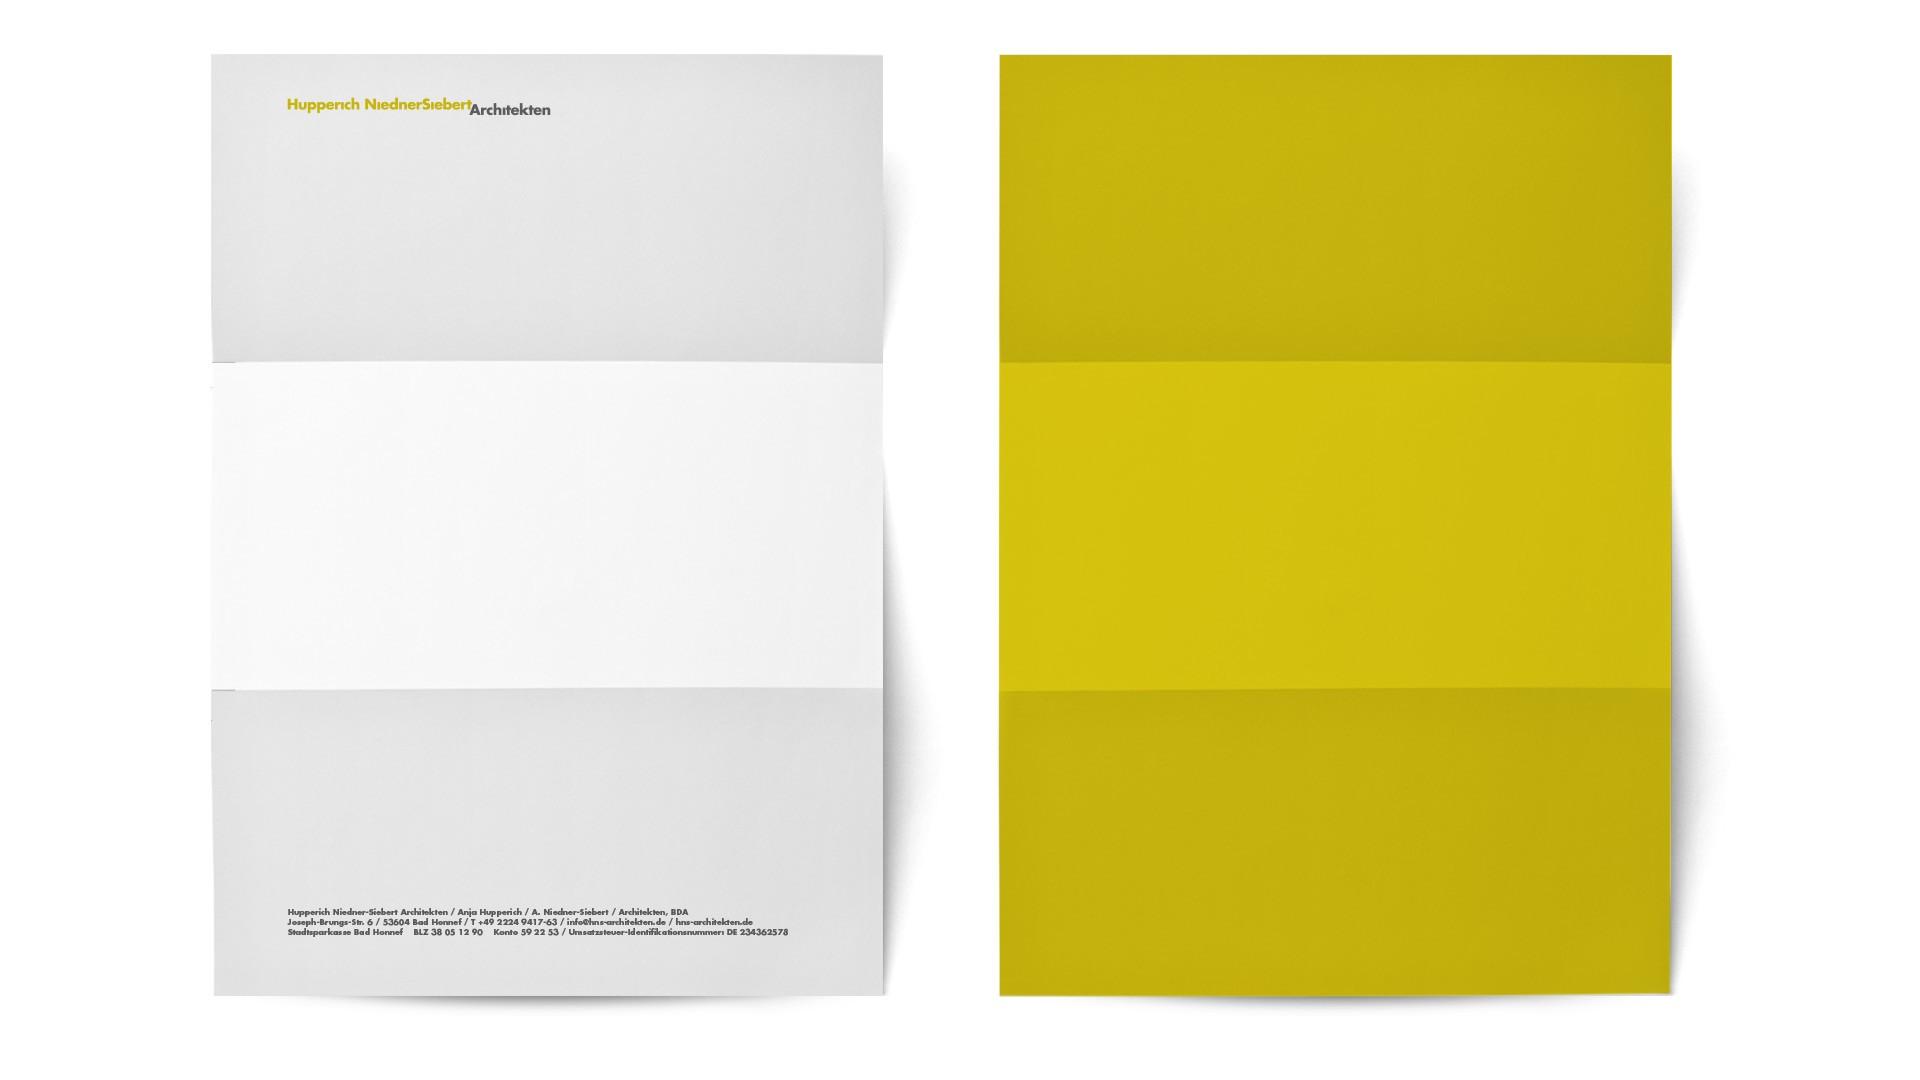 BUREAU KUEPPERS Corporate Design für HupperichNiedner-Siebert Architekten